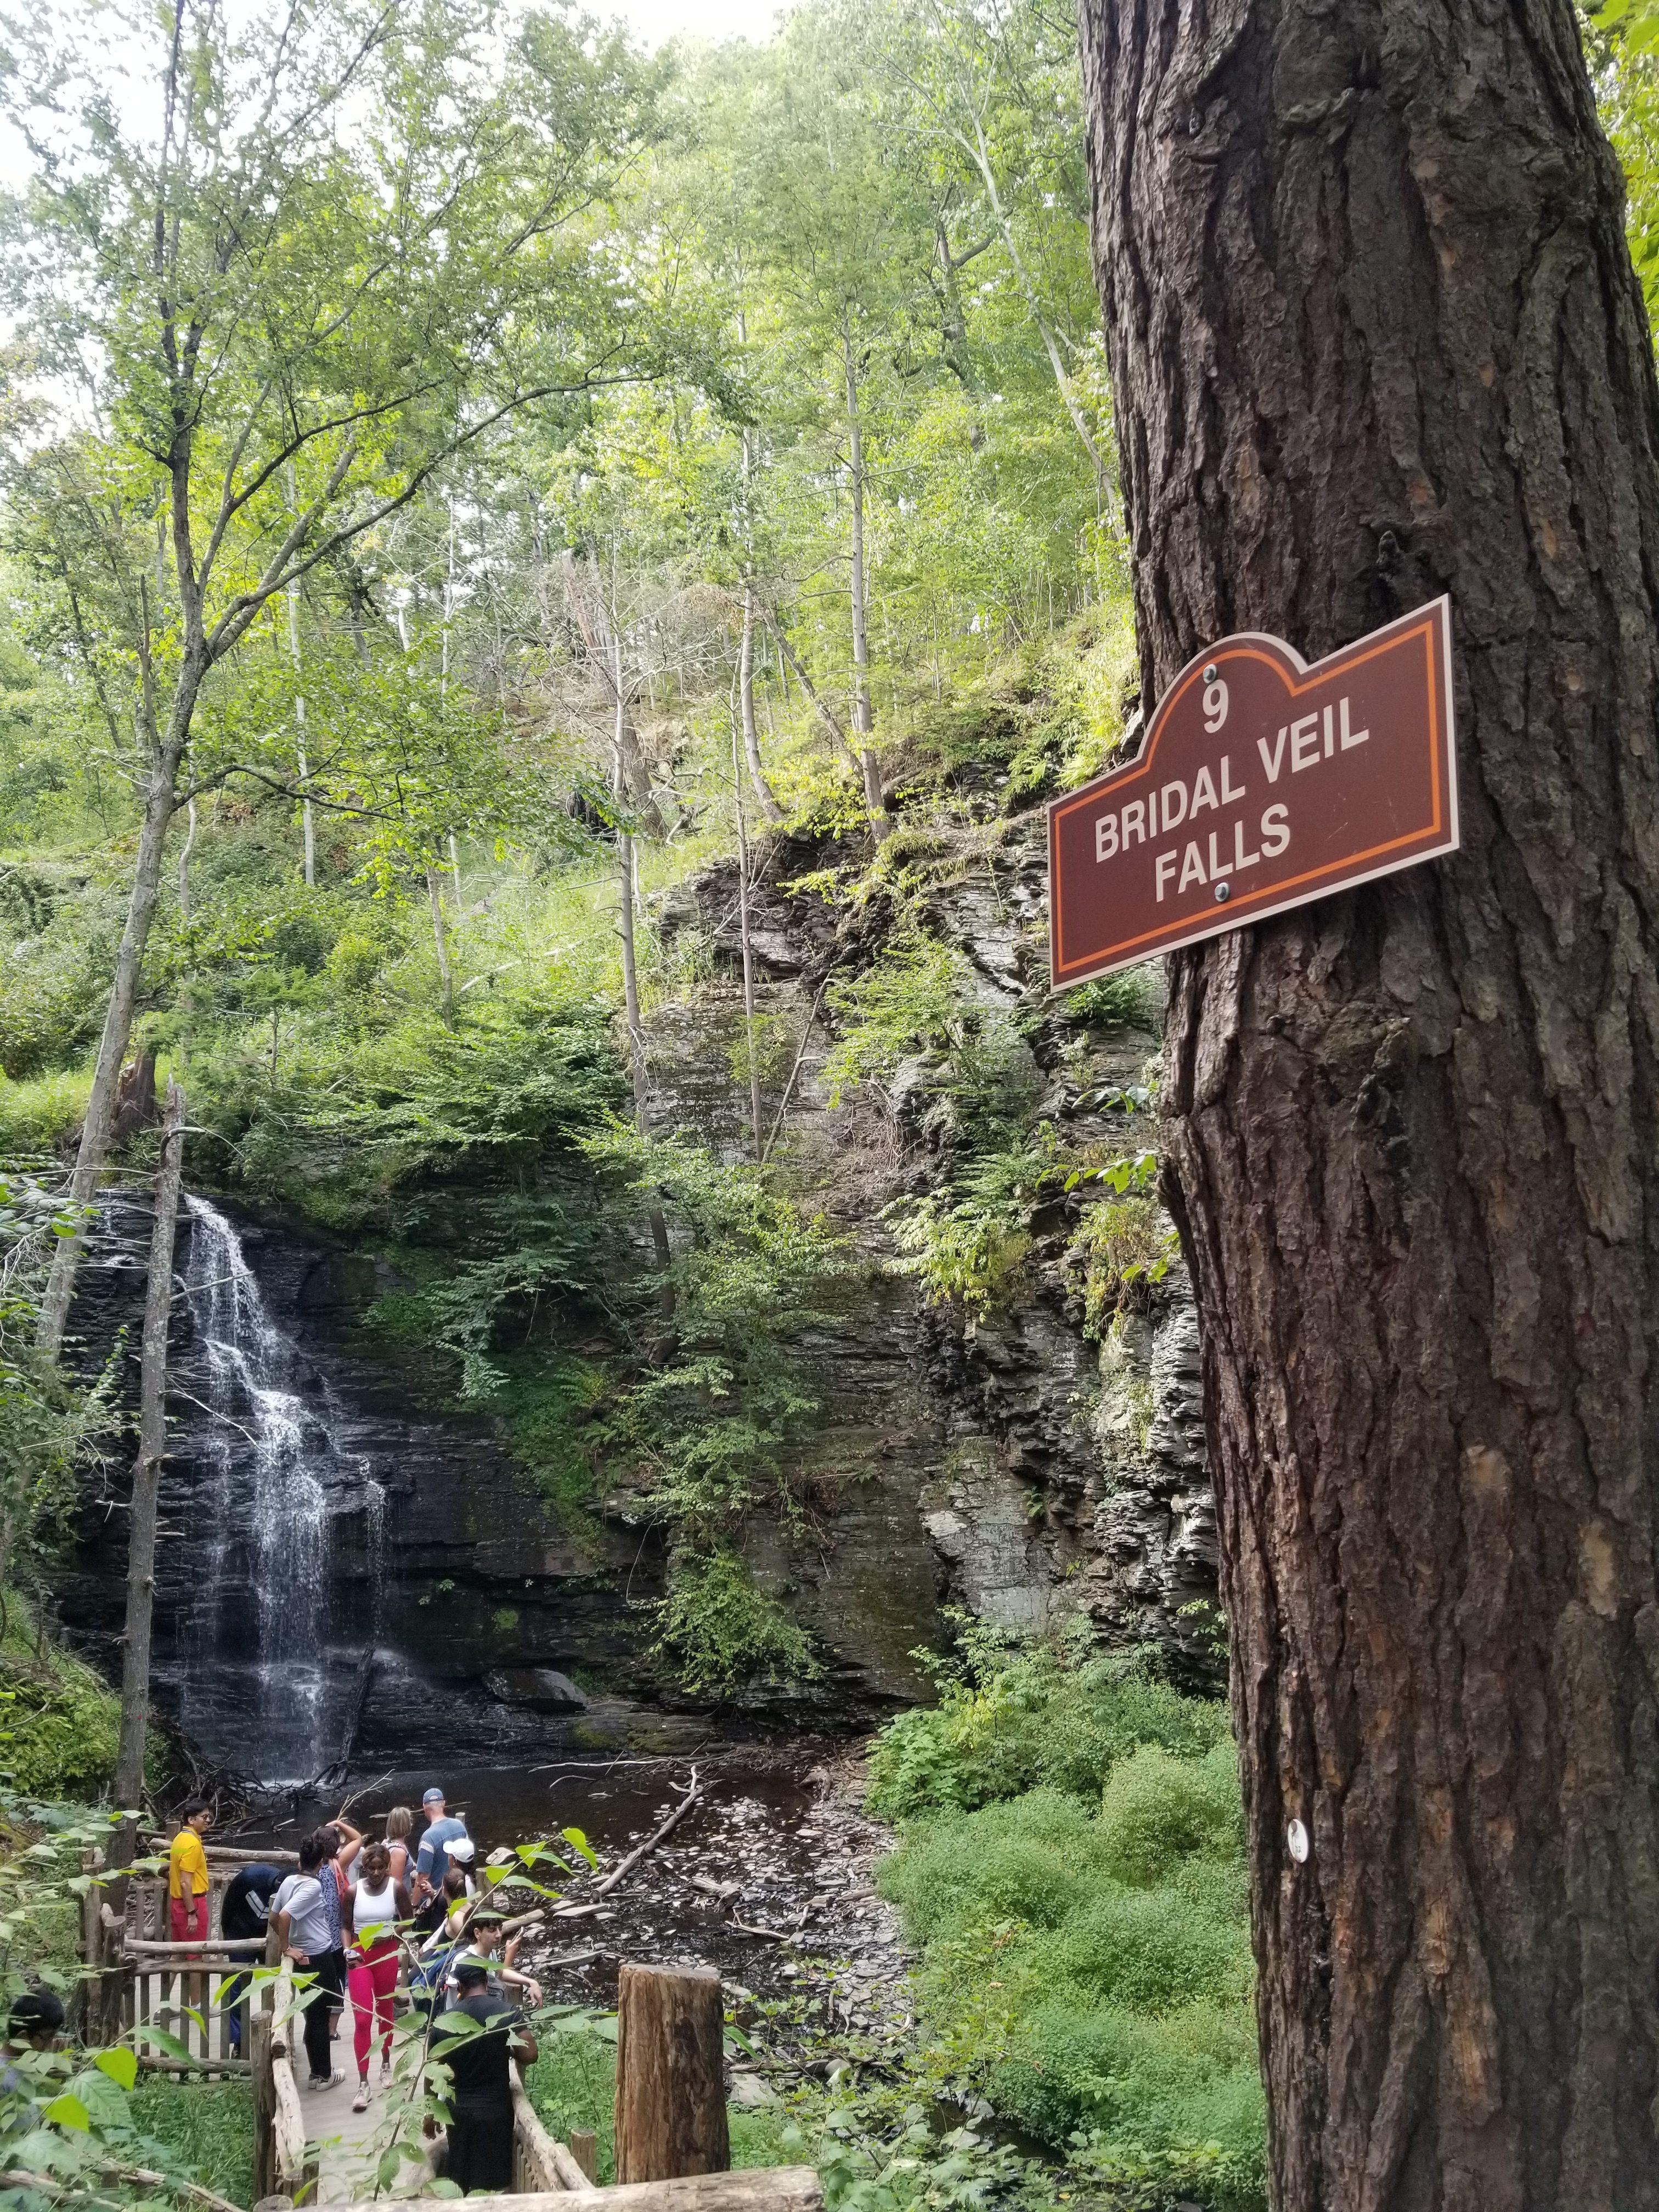 Bridal Veil Falls at Bushkill, Poconos